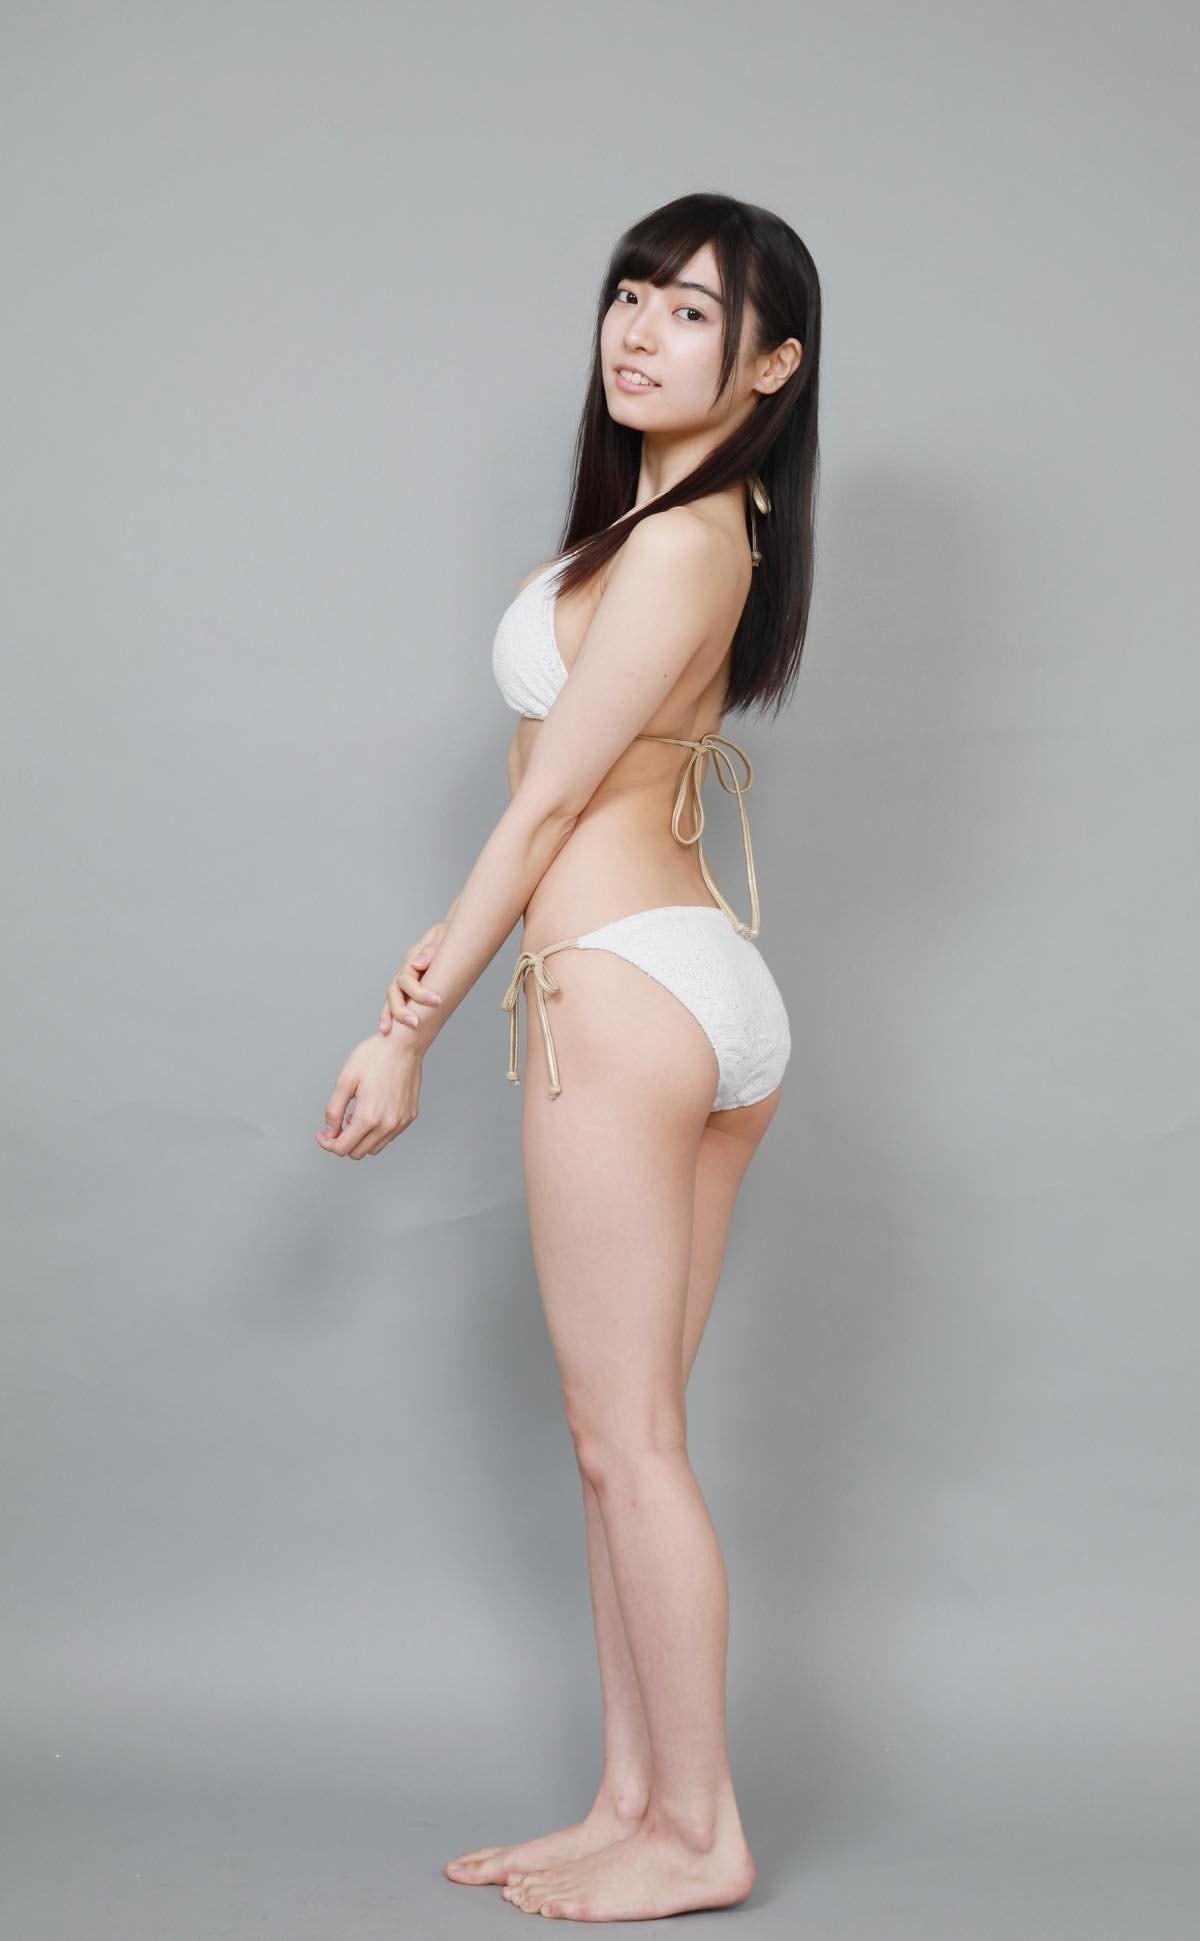 桜田愛音のグラビア水着ビキニ画像0006